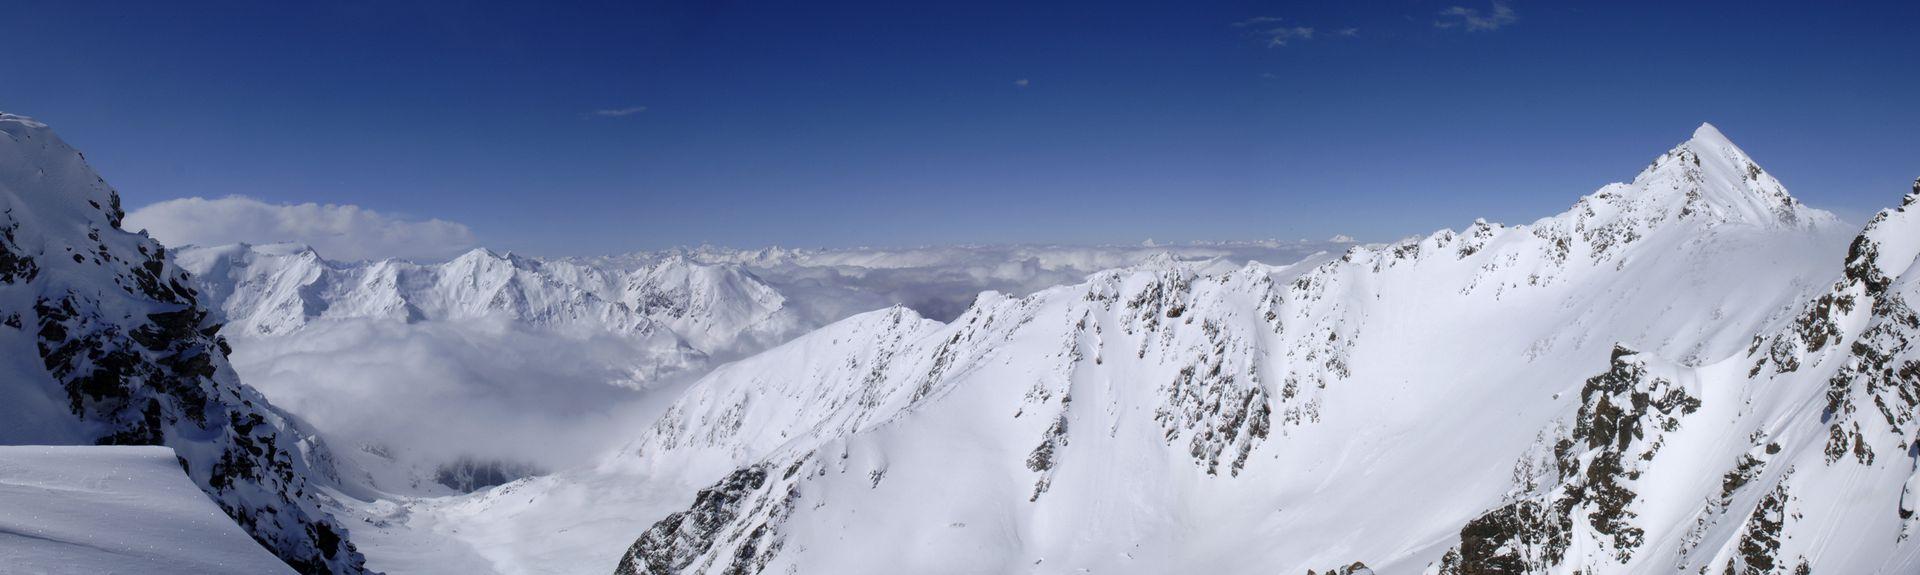 Hochzeiger Gondola, Jerzens, Tyrol, Austria